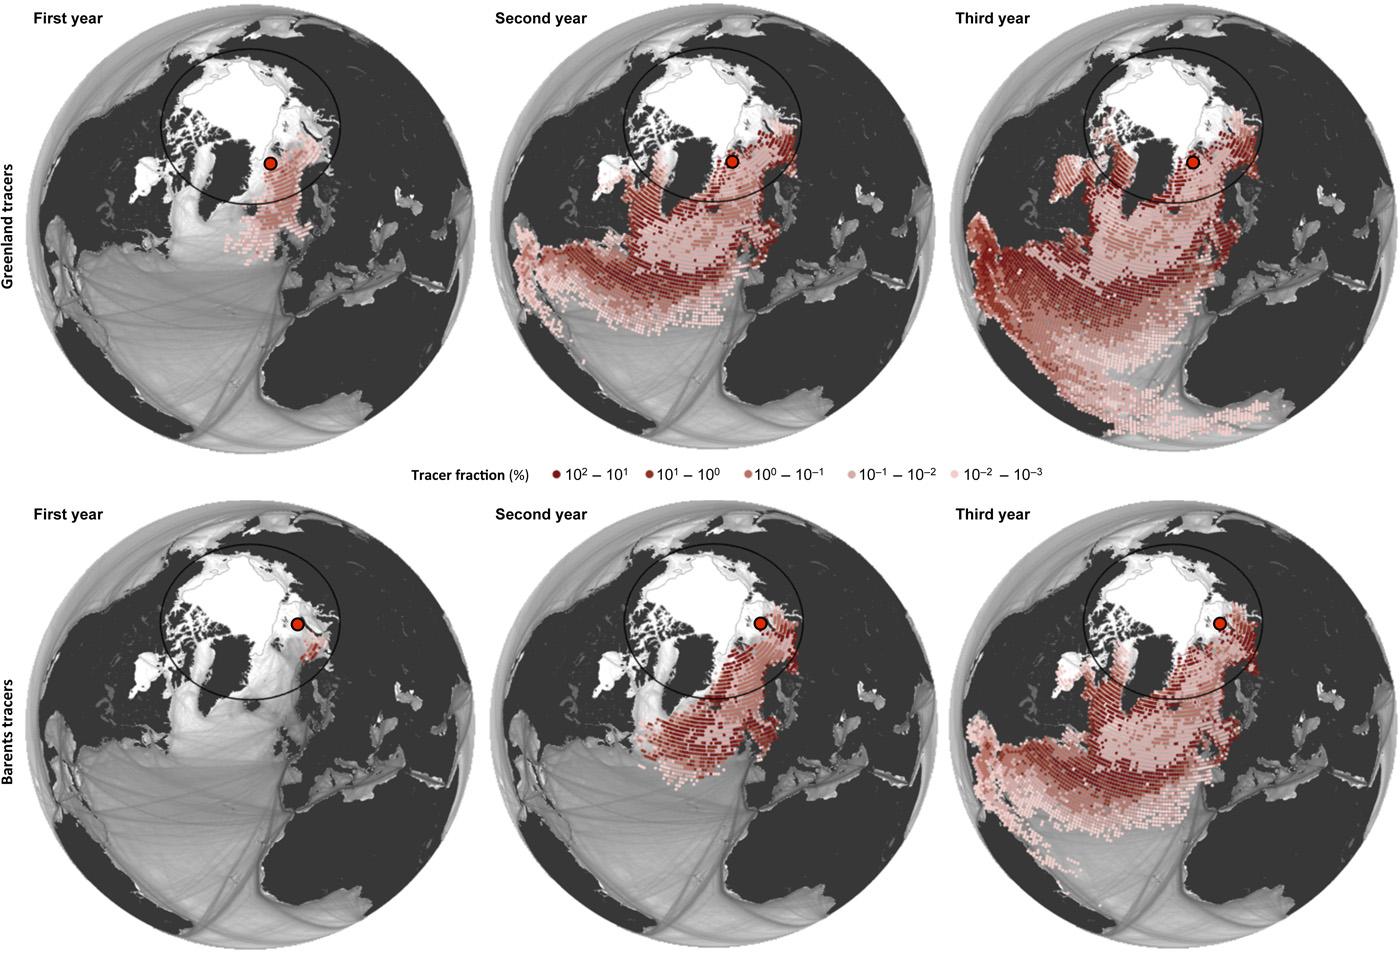 parcours Oceanic des accumulations de matière plastique dans la mer du Groenland (Les cartes supérieures) et la mer de Barents (Les cartes inférieures) obtenues par des simulations en arrière dans le temps.